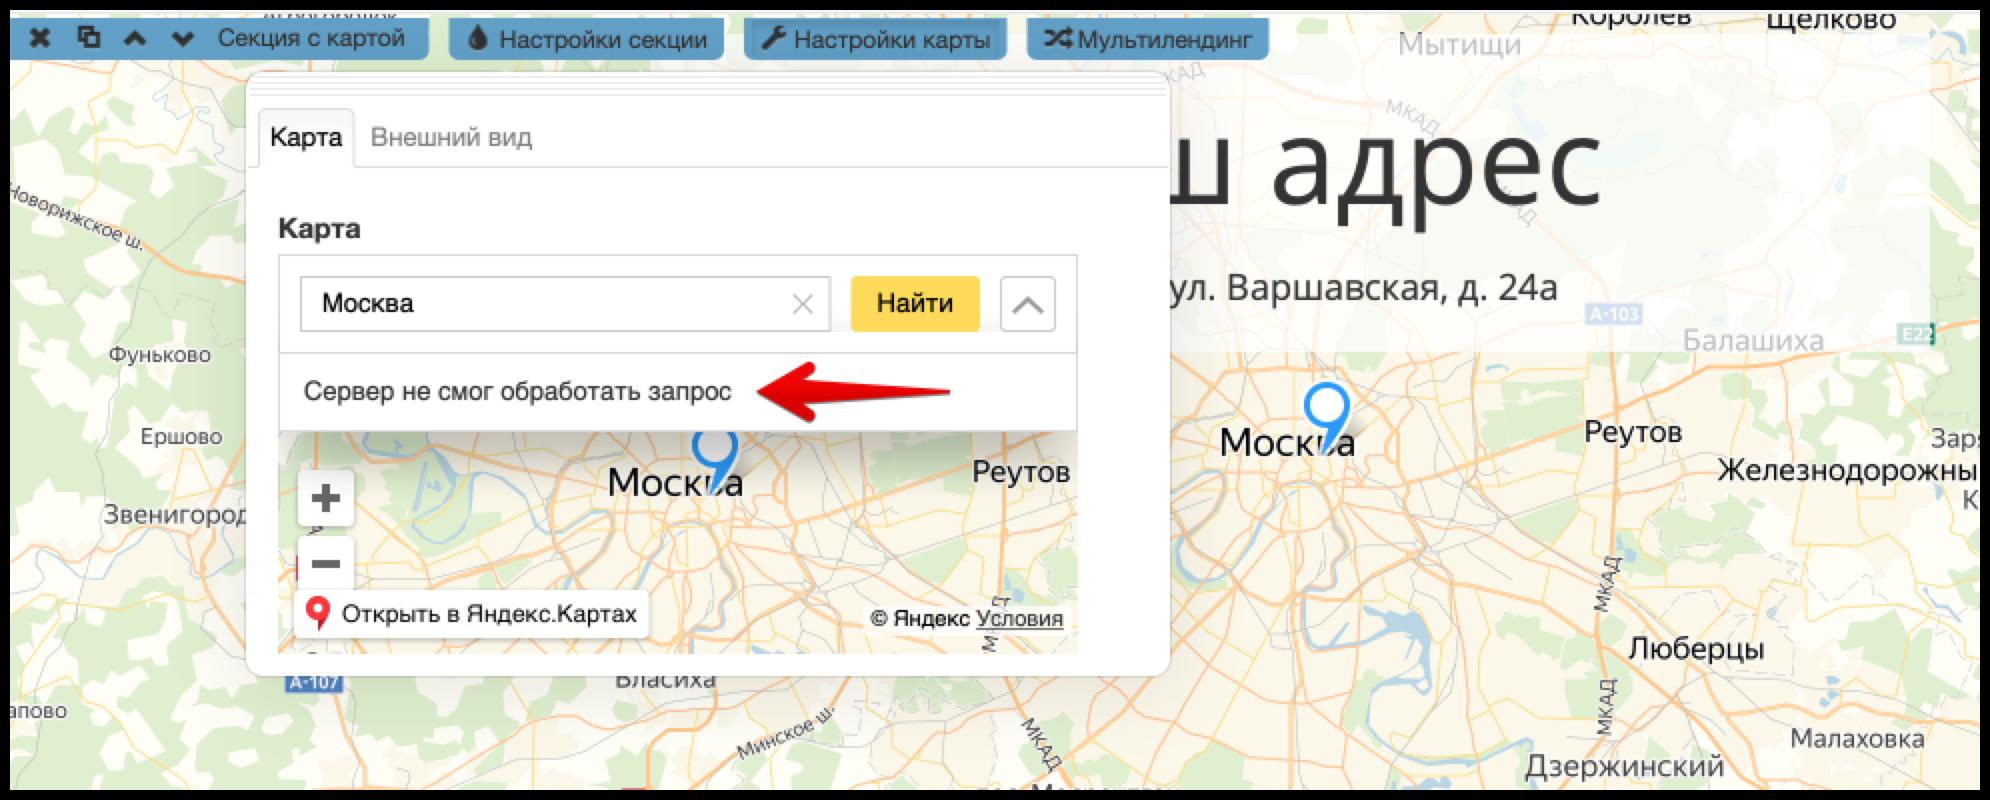 Как мы сэкономили 120 000 рублей в год на платном API Яндекс.Карт